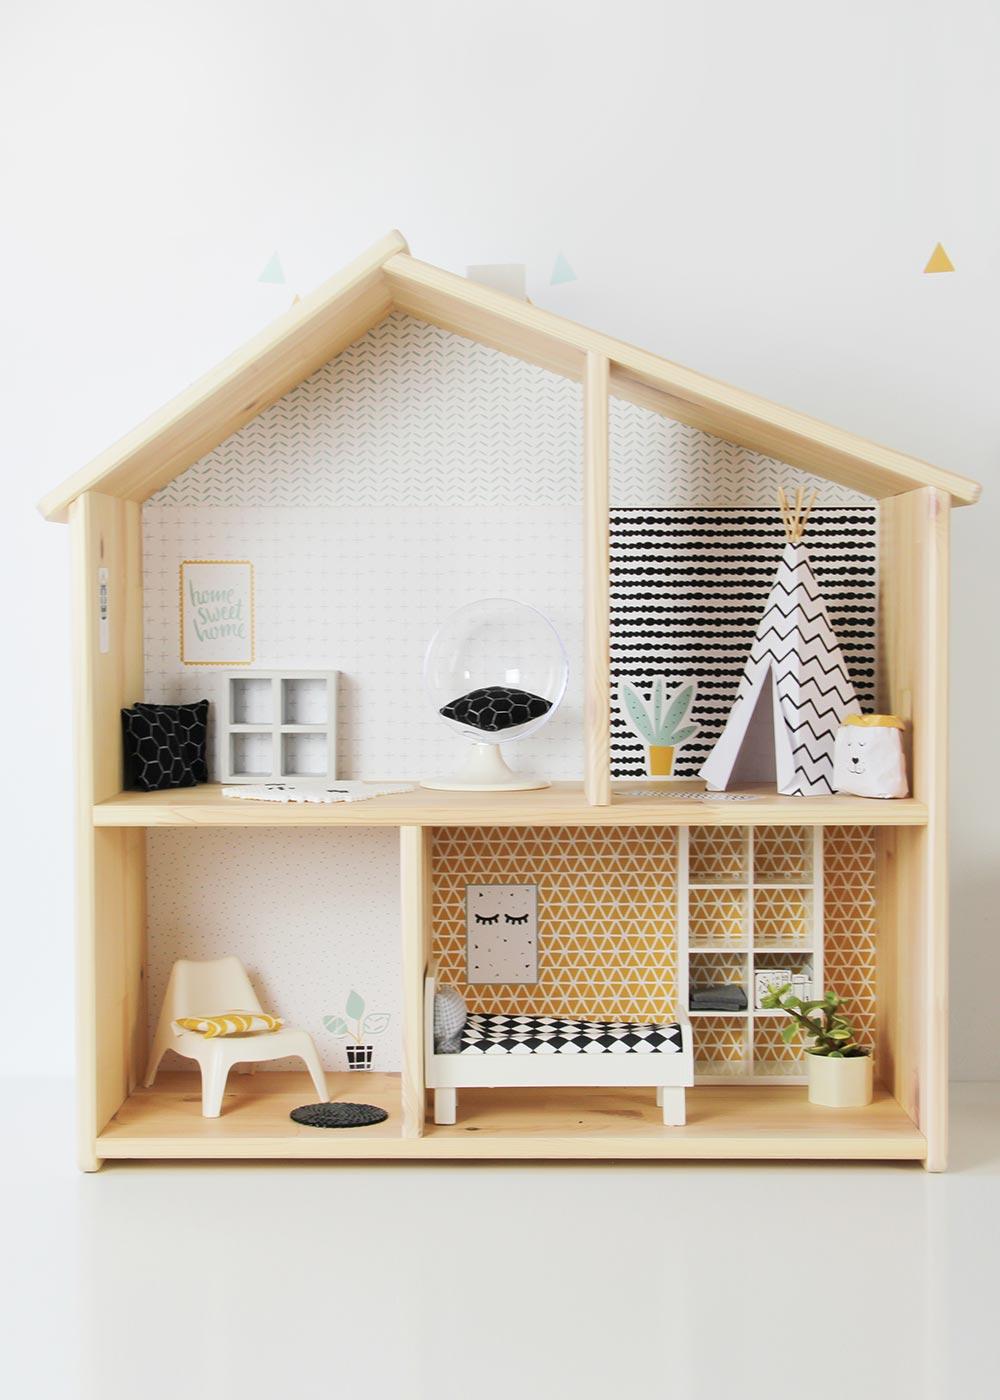 Ikea Flisat Puppenhaus Tapete Lille Stuba mint senf Frontansicht